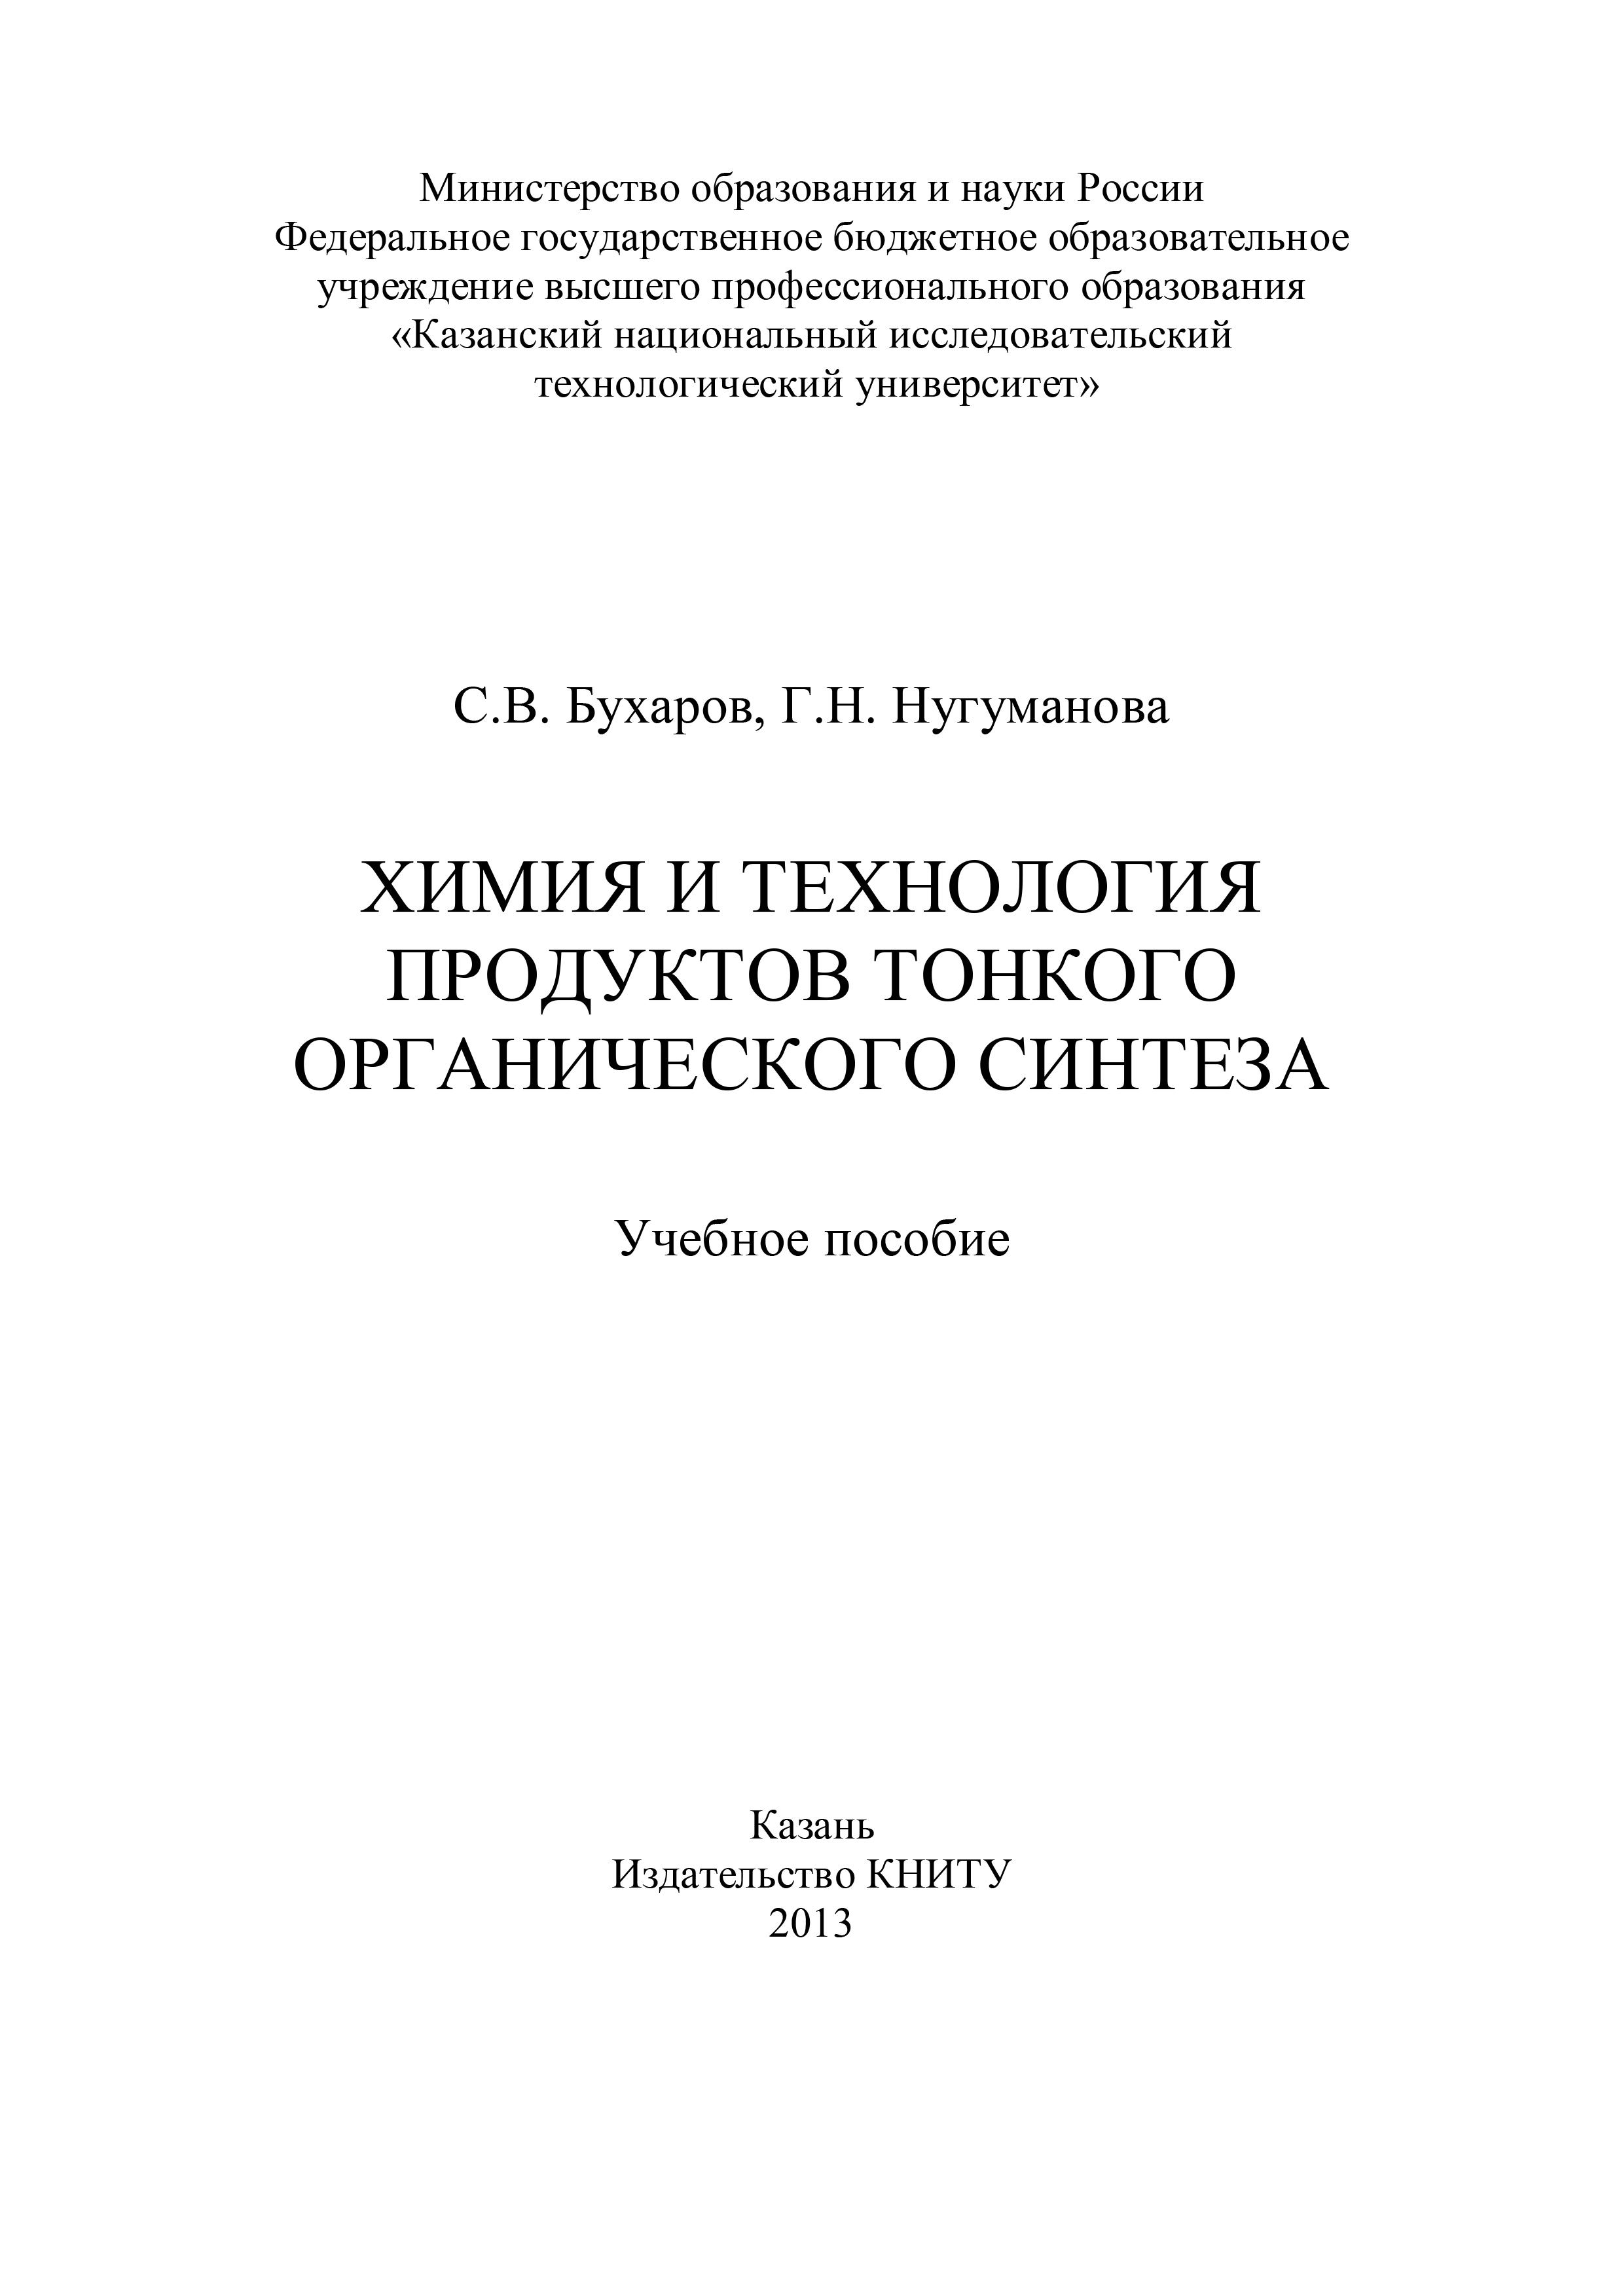 С. Бухаров Химия и технология продуктов тонкого органического синтеза